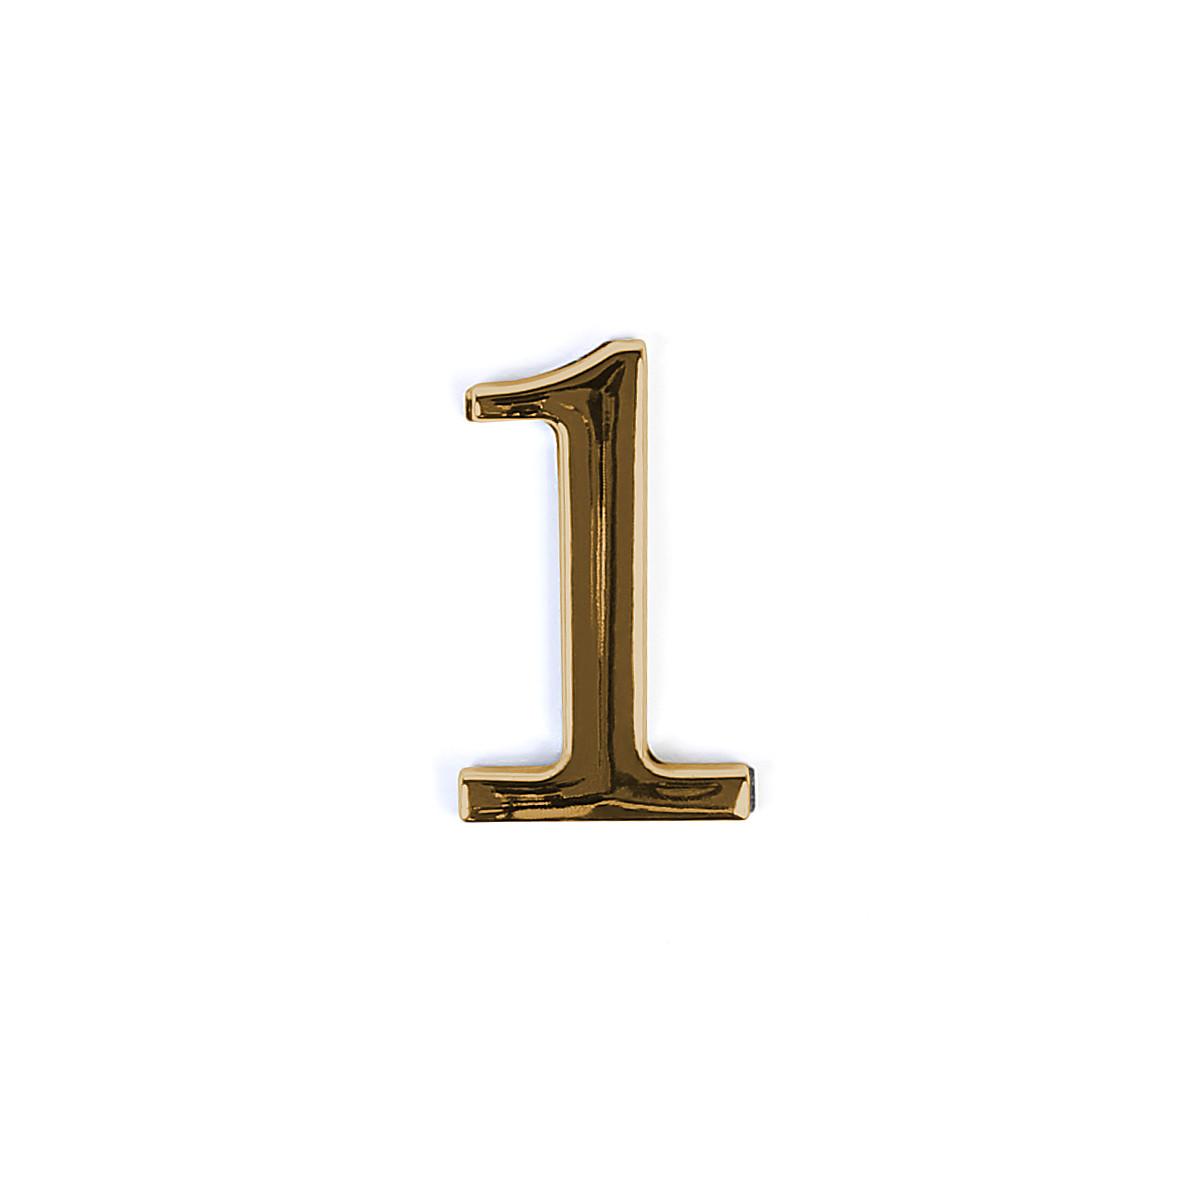 Номер на дверь из цинка Larvij цифра 1 Золото (LNZ4 GP #1)